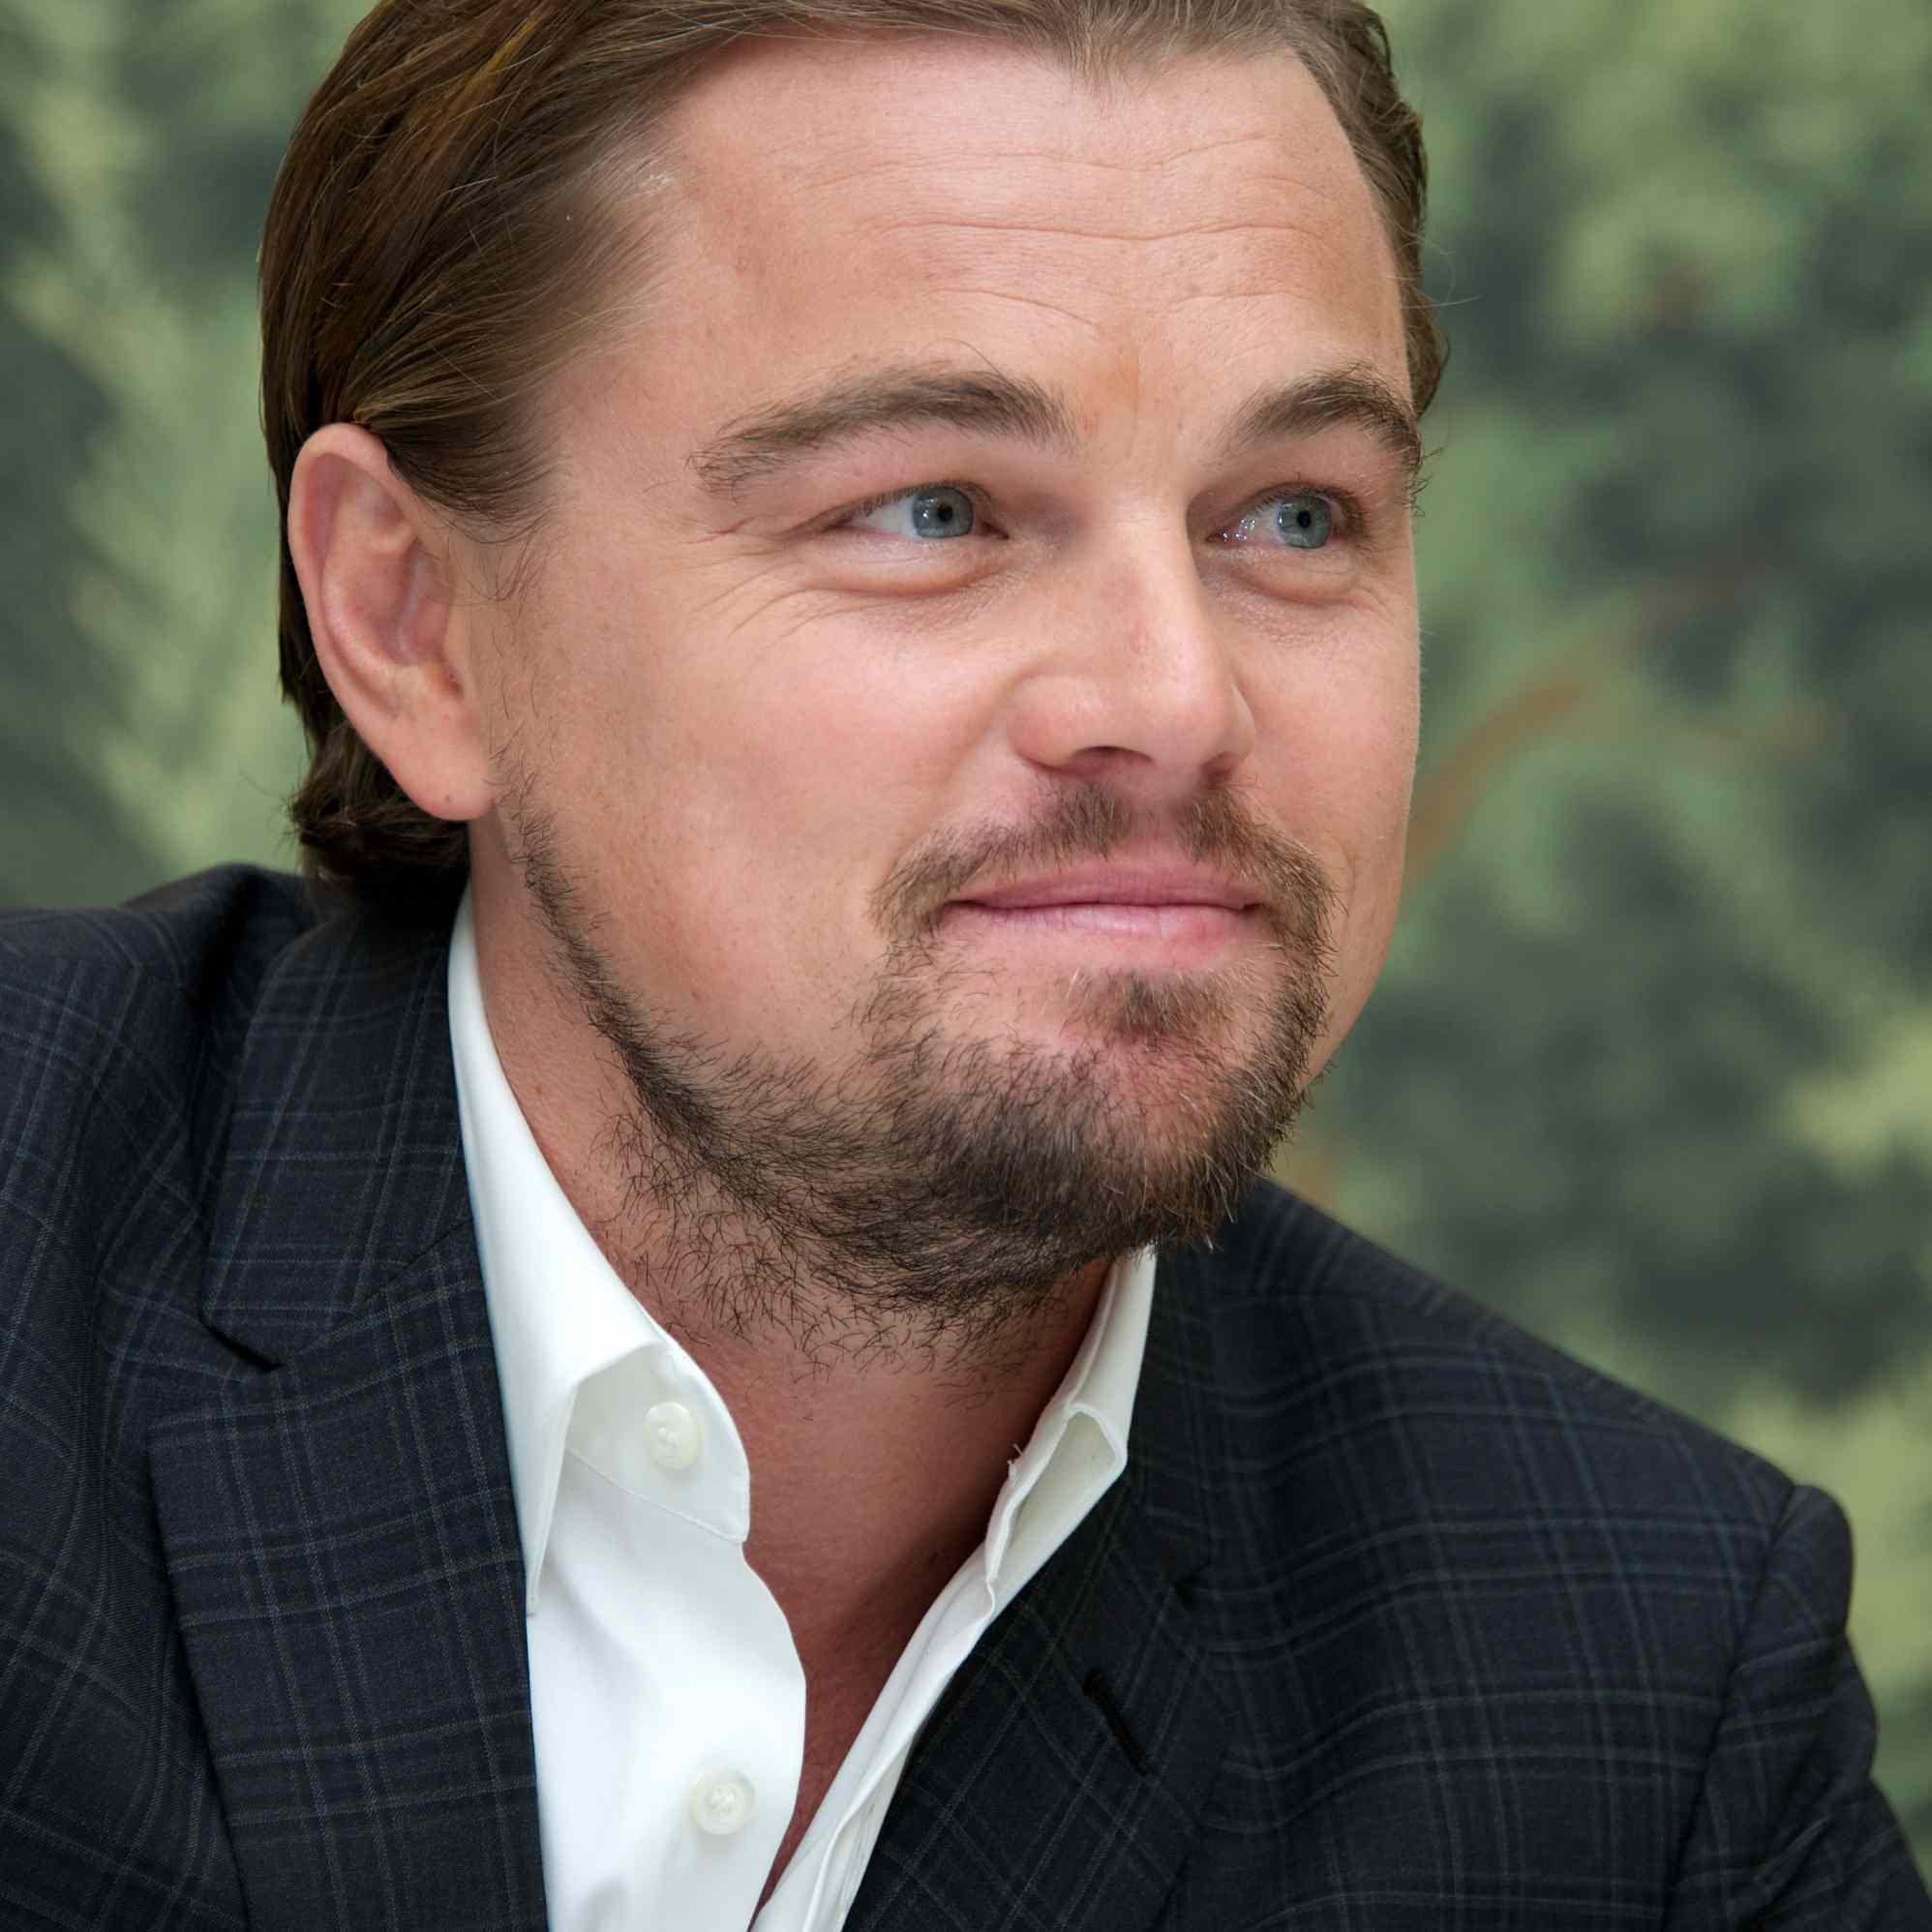 Leonardo DiCaprio Hair 2013